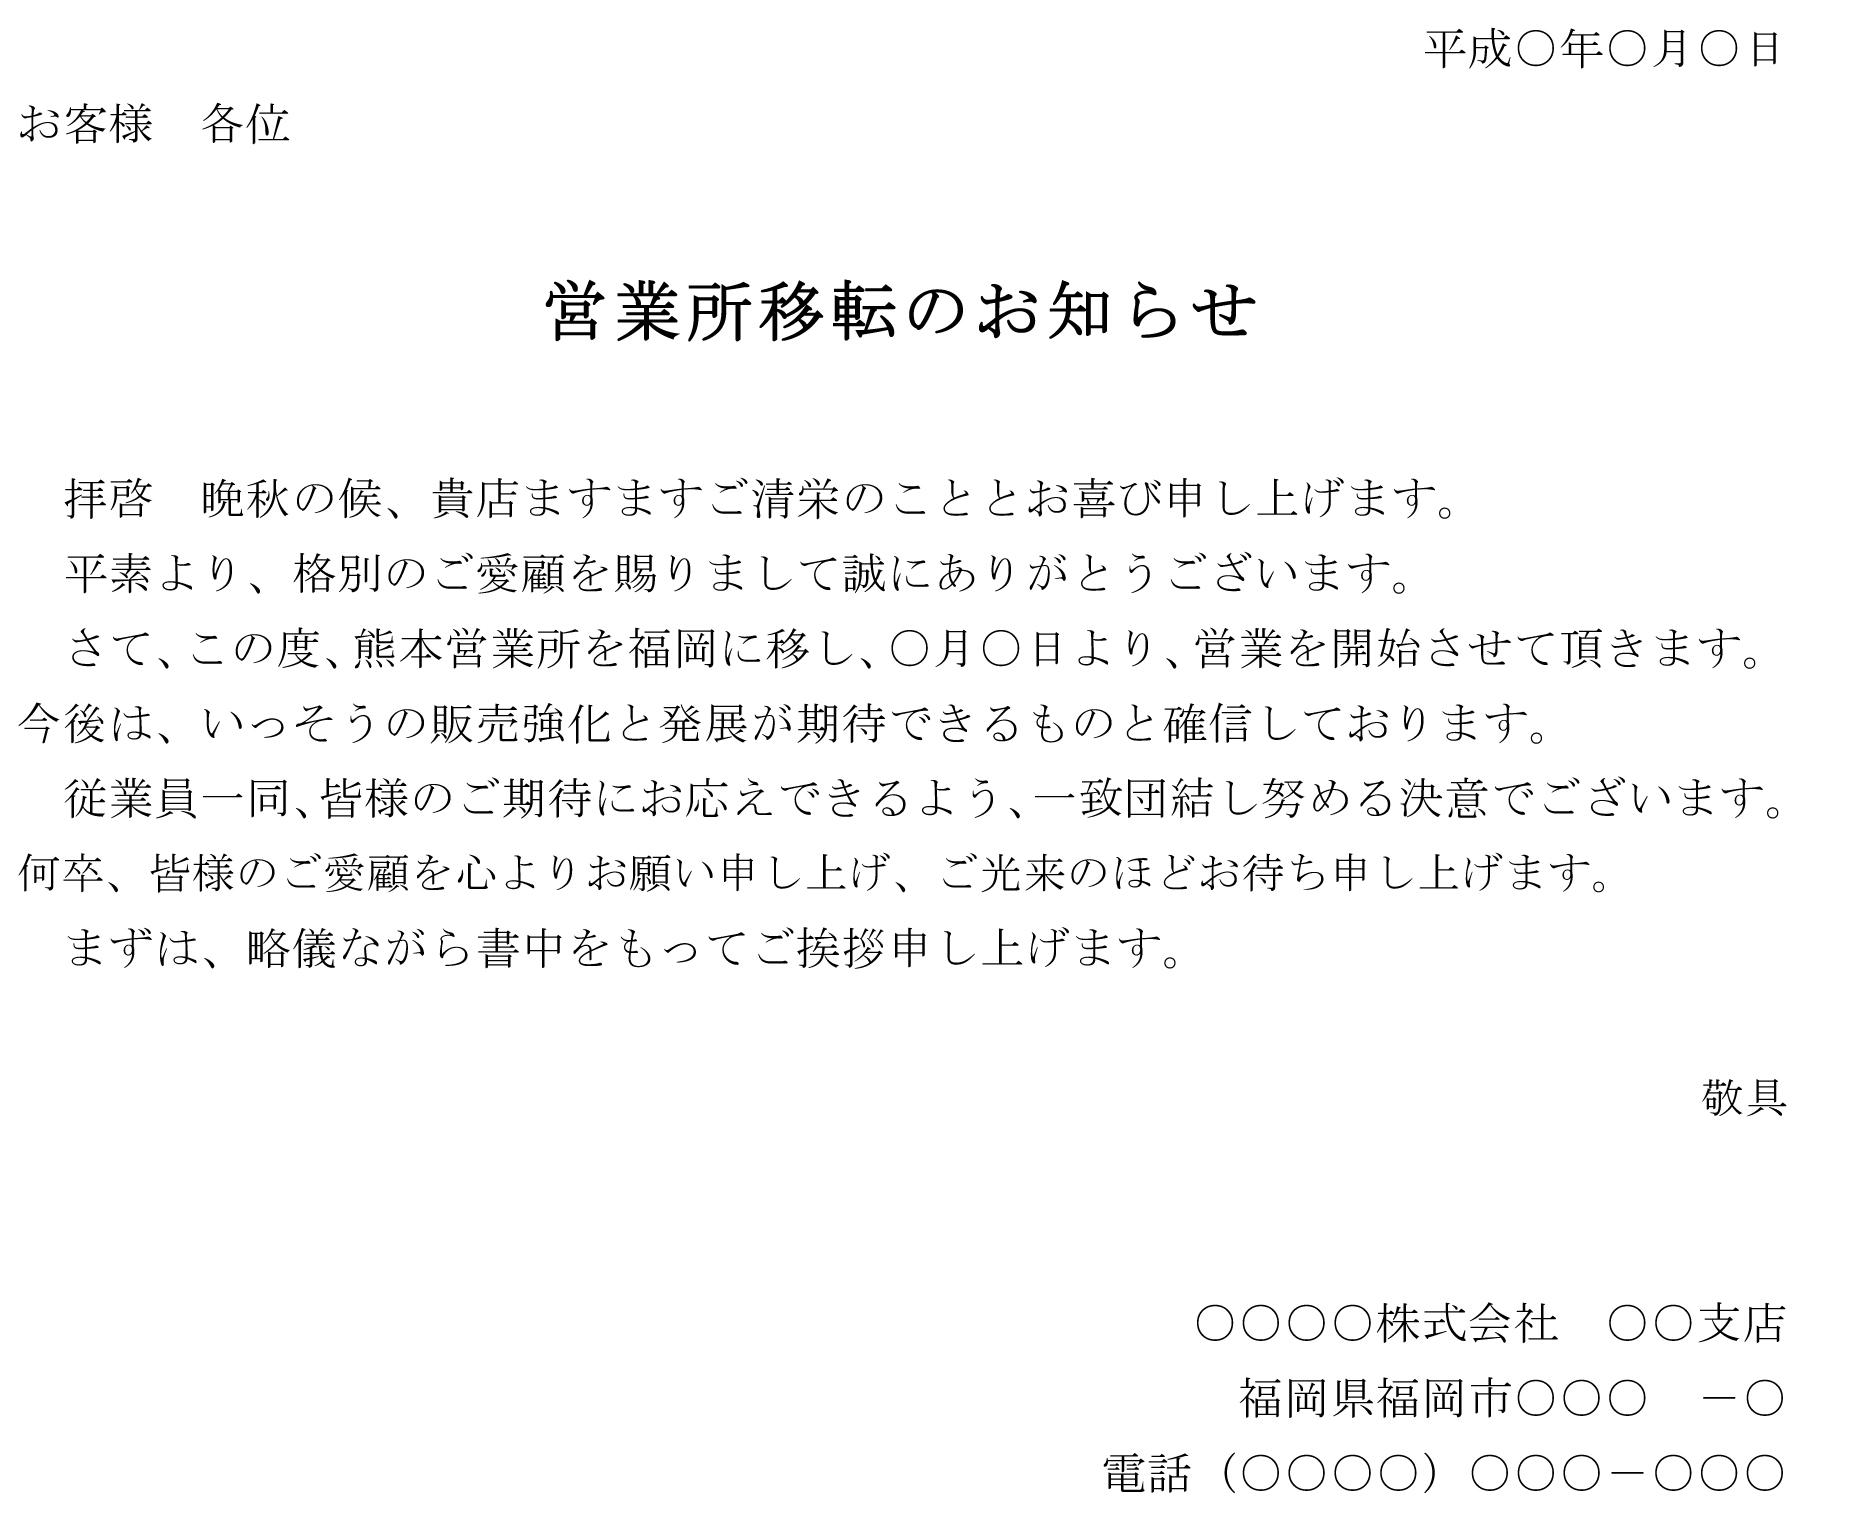 お知らせ(営業所移転)